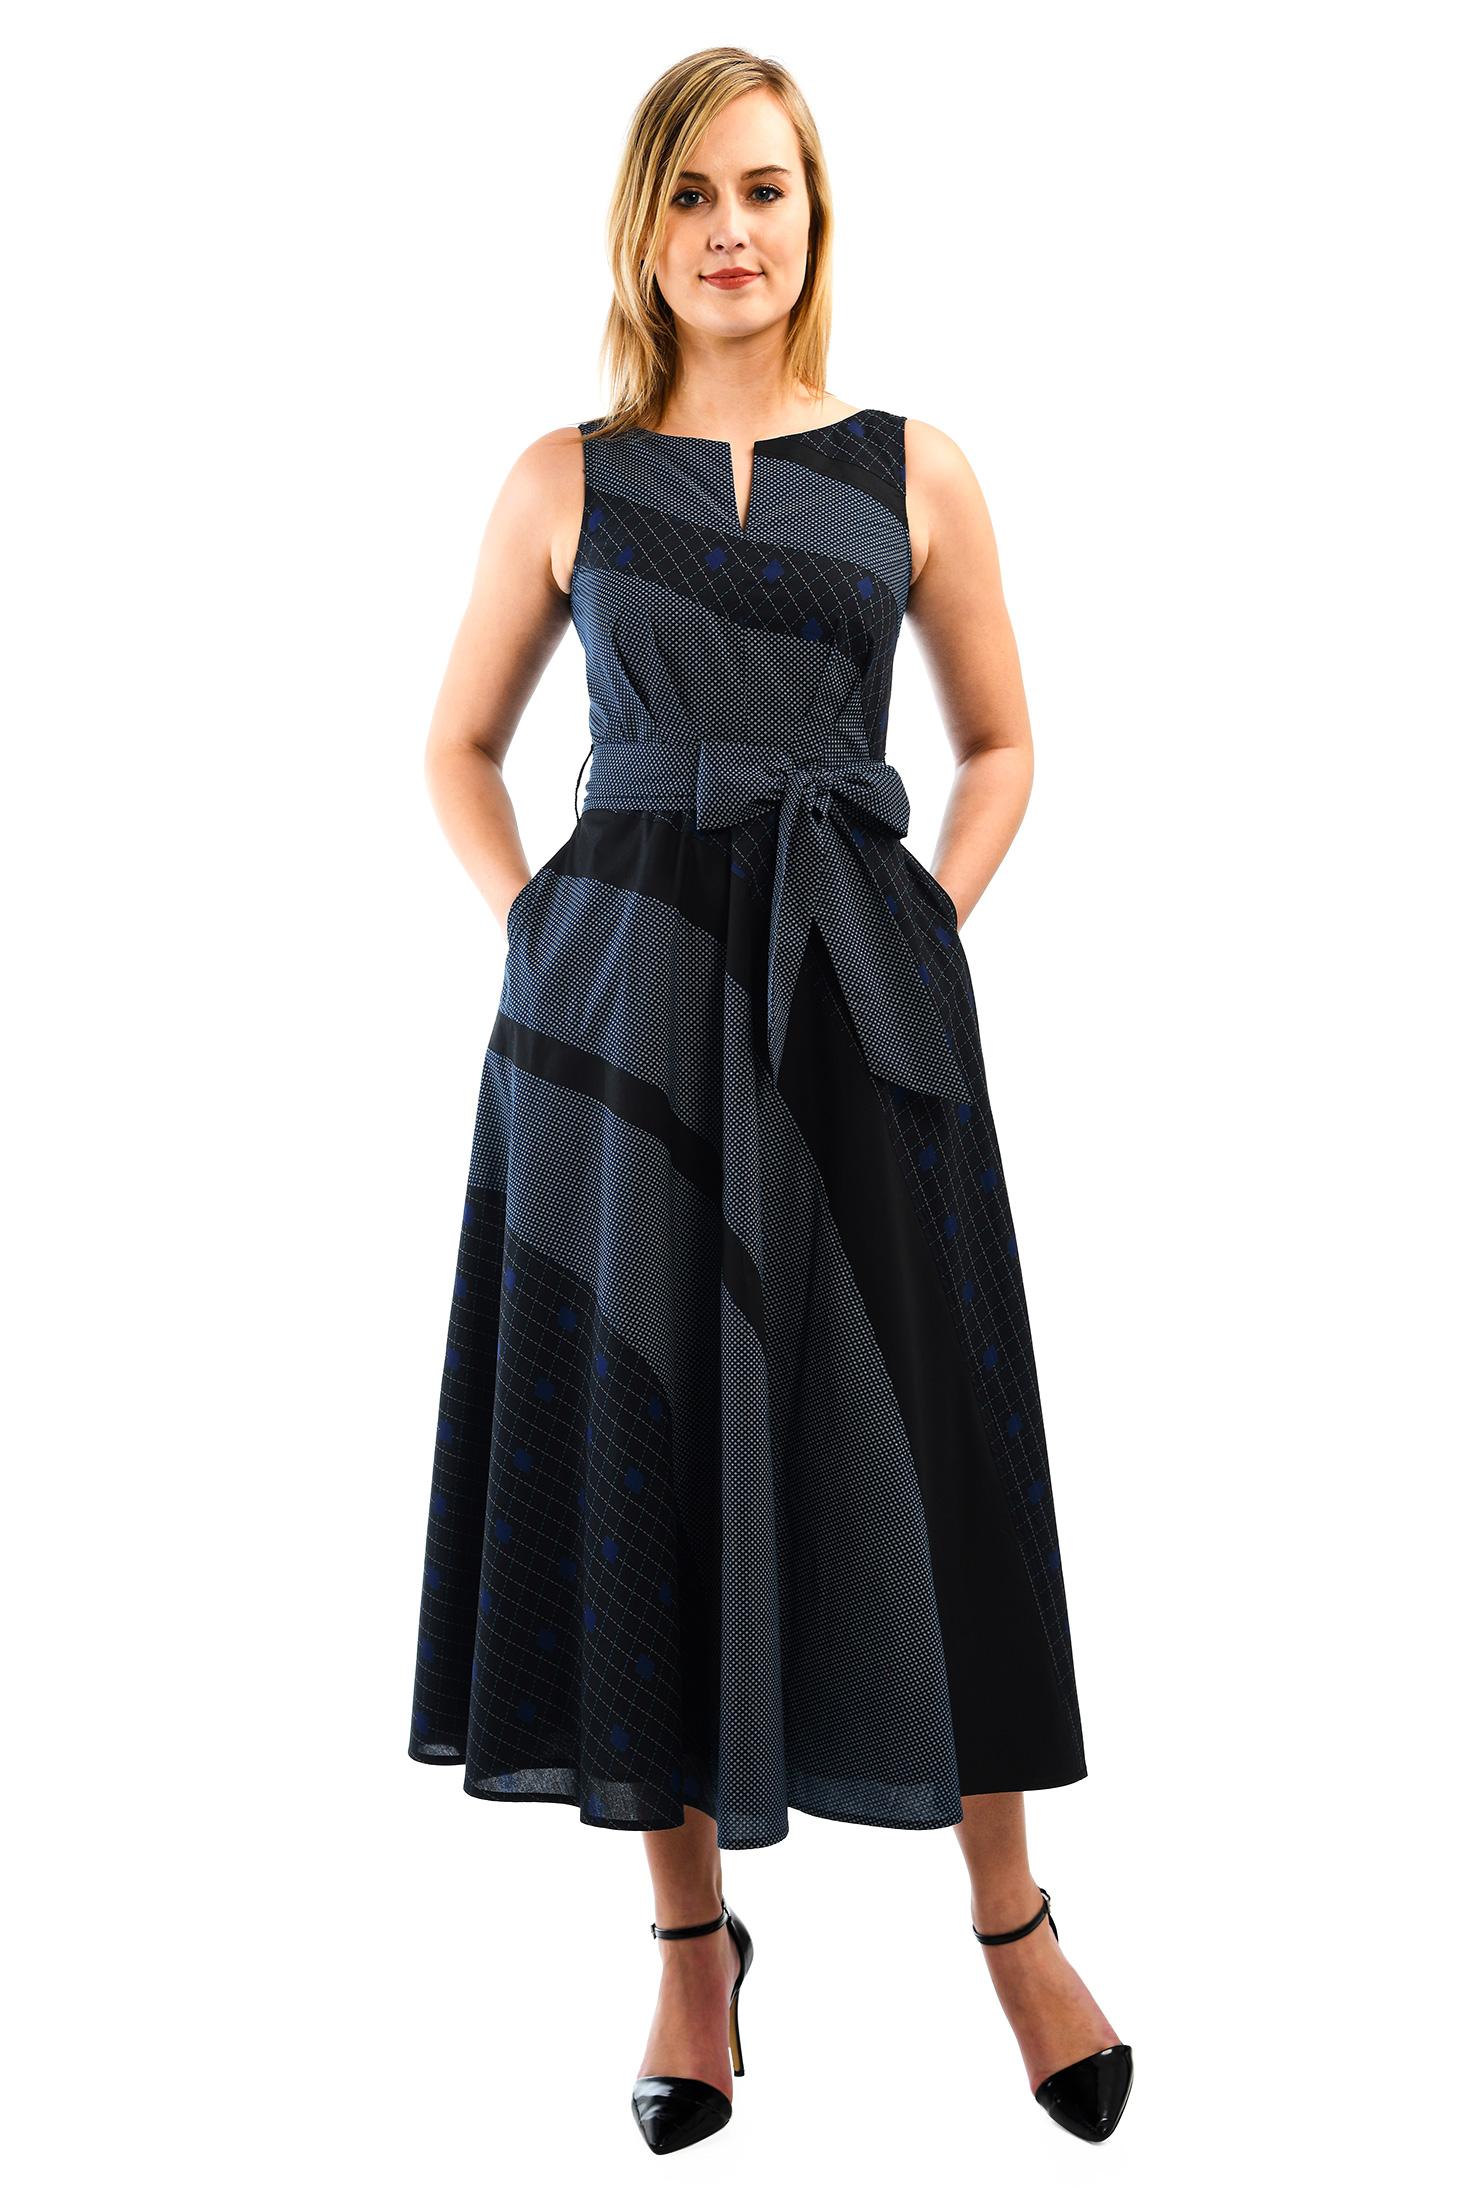 eShakti Women's Mixed prints cotton midi dress CL0055493